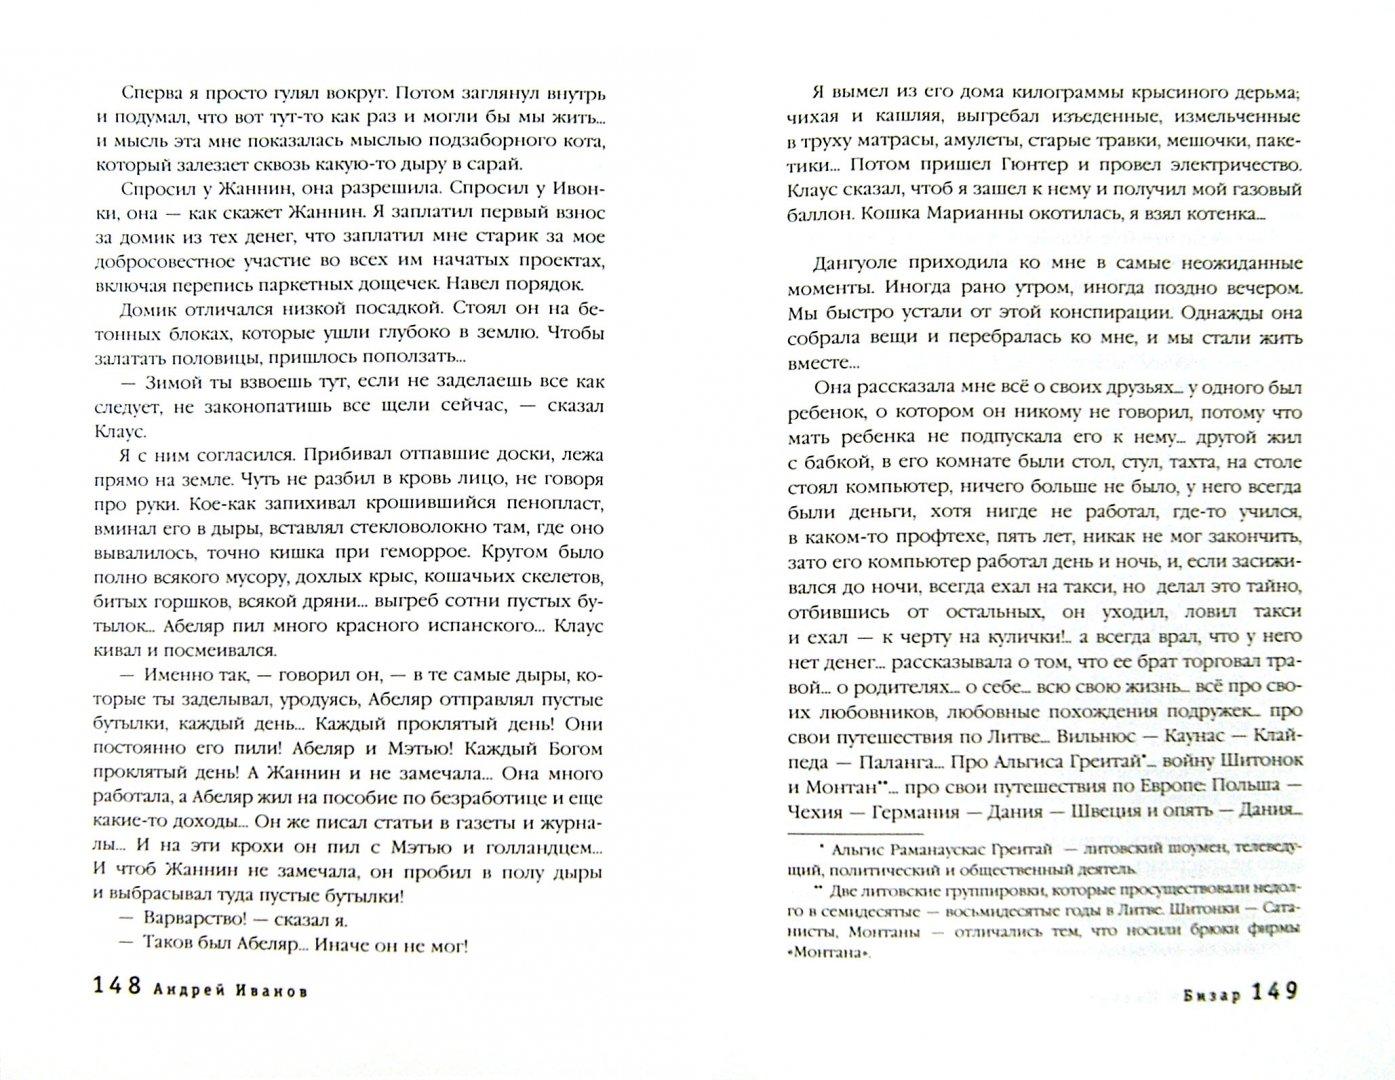 Иллюстрация 1 из 42 для Бизар - Андрей Иванов   Лабиринт - книги. Источник: Лабиринт